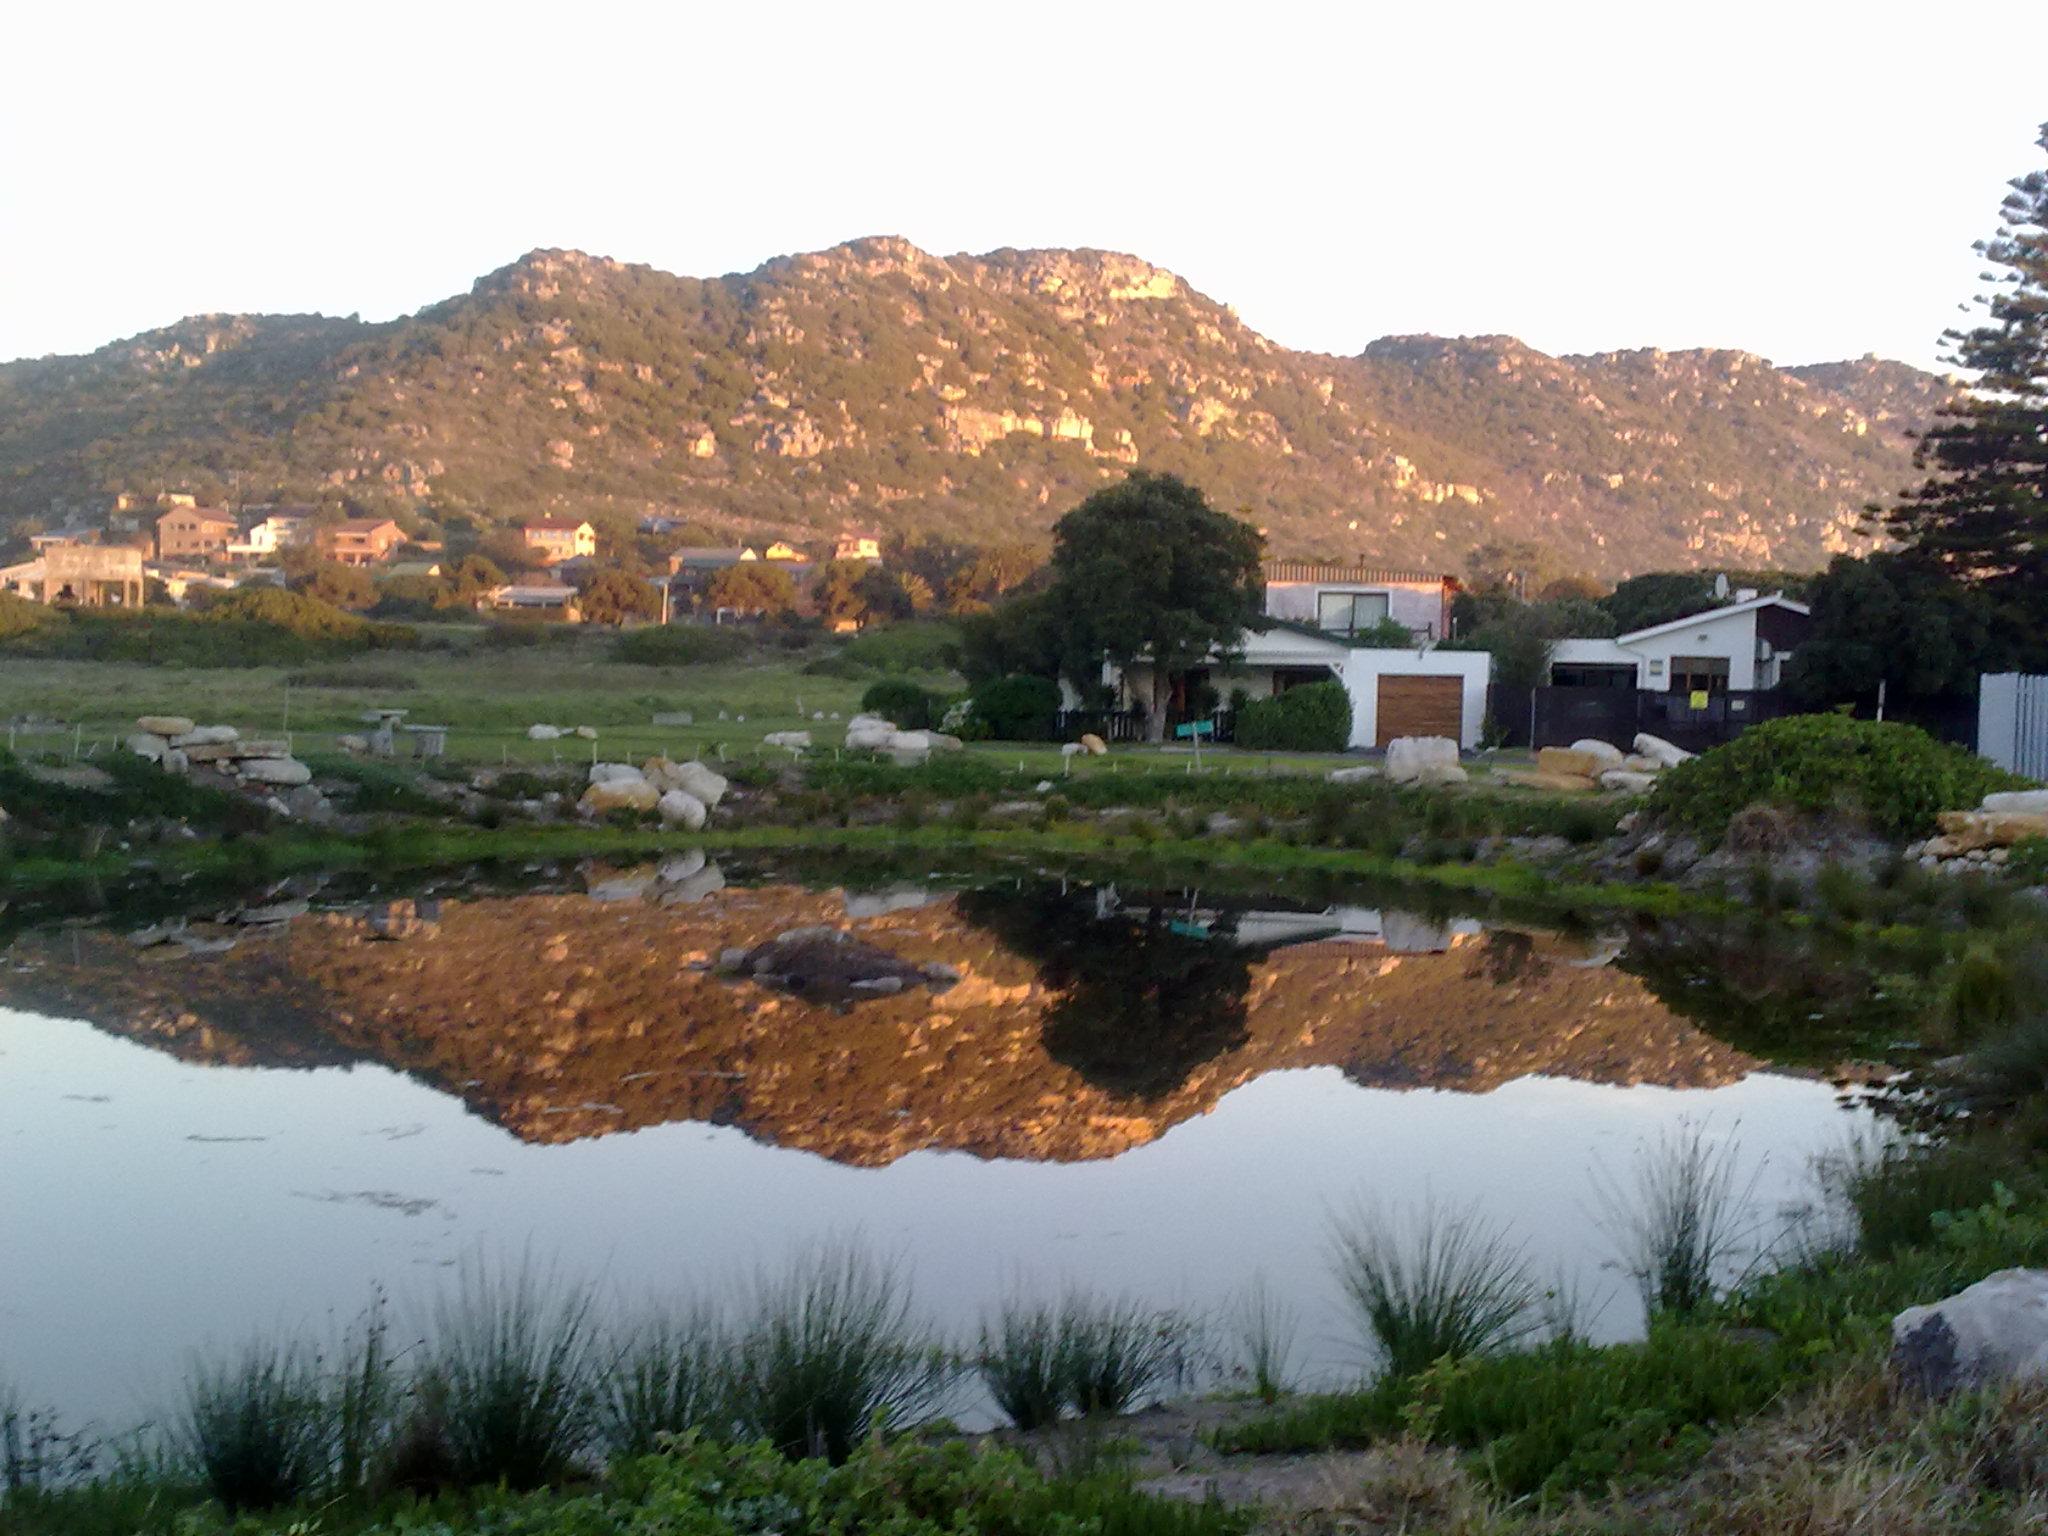 Wetland restored by Kommetjie Coastal Stewards